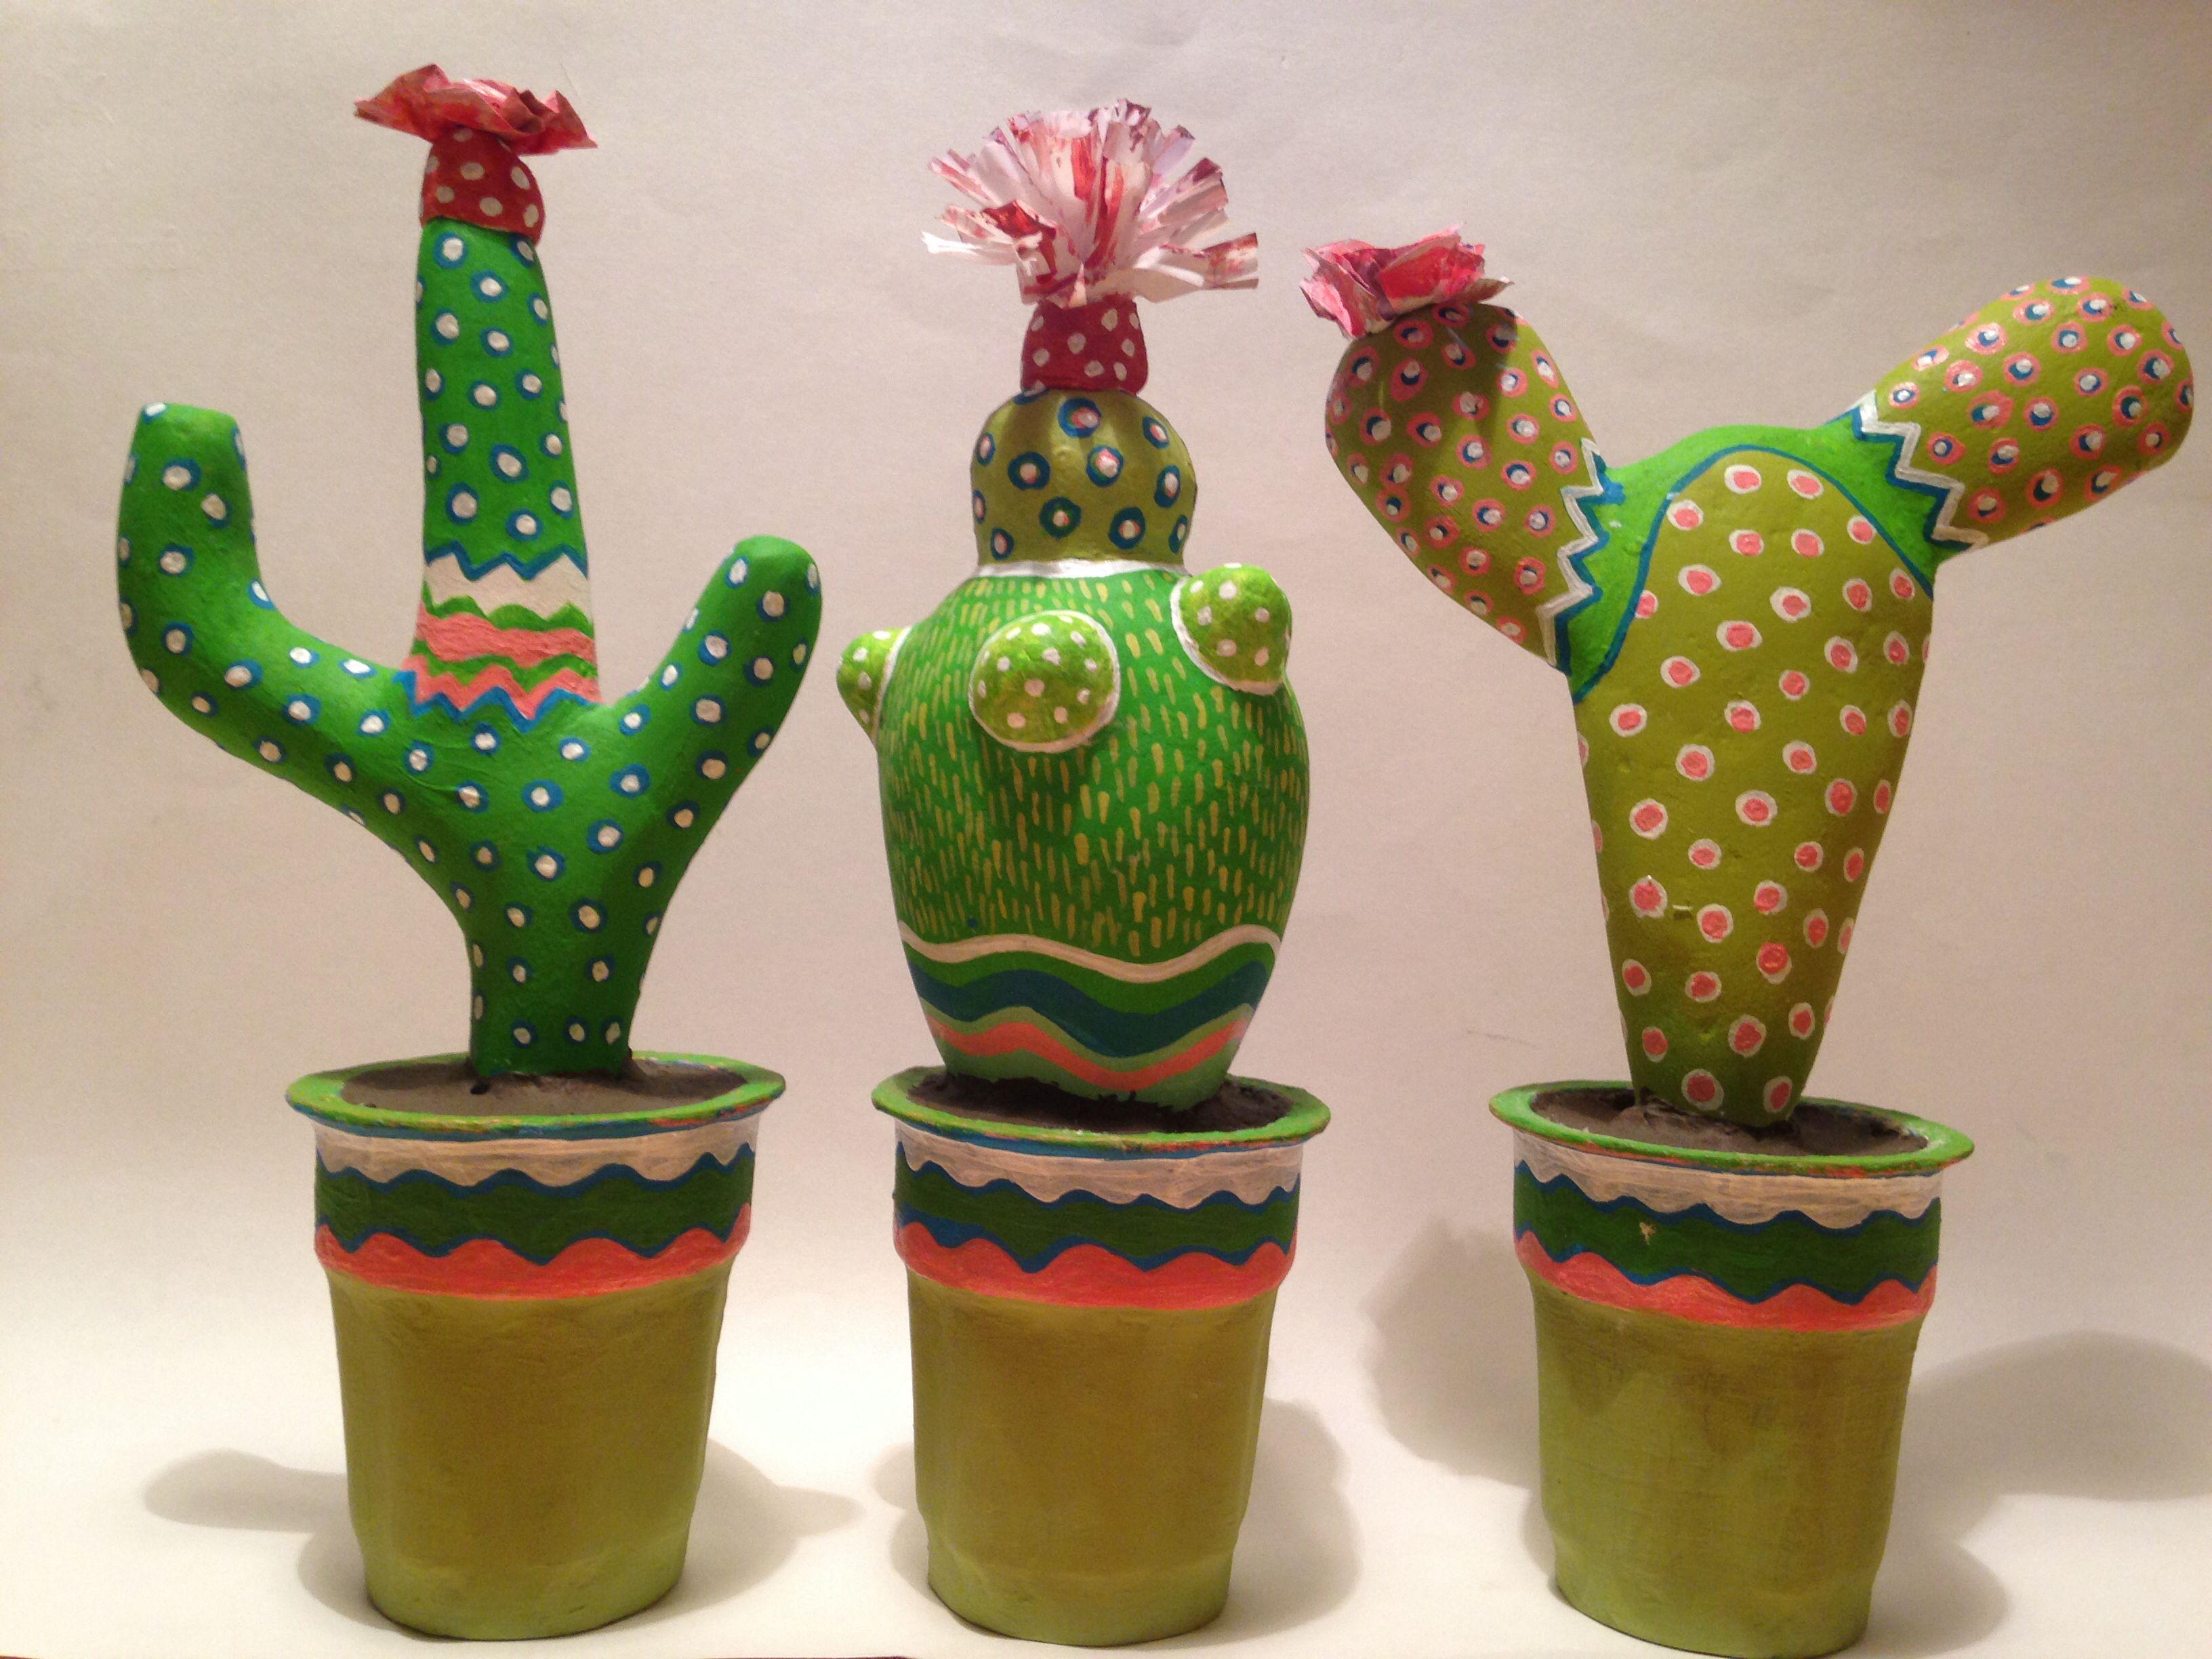 Amigurumi Cactus Tejido A Crochet Regalo Original : Frida kahlo frida kahlo amigurumi frida doll frida crochet